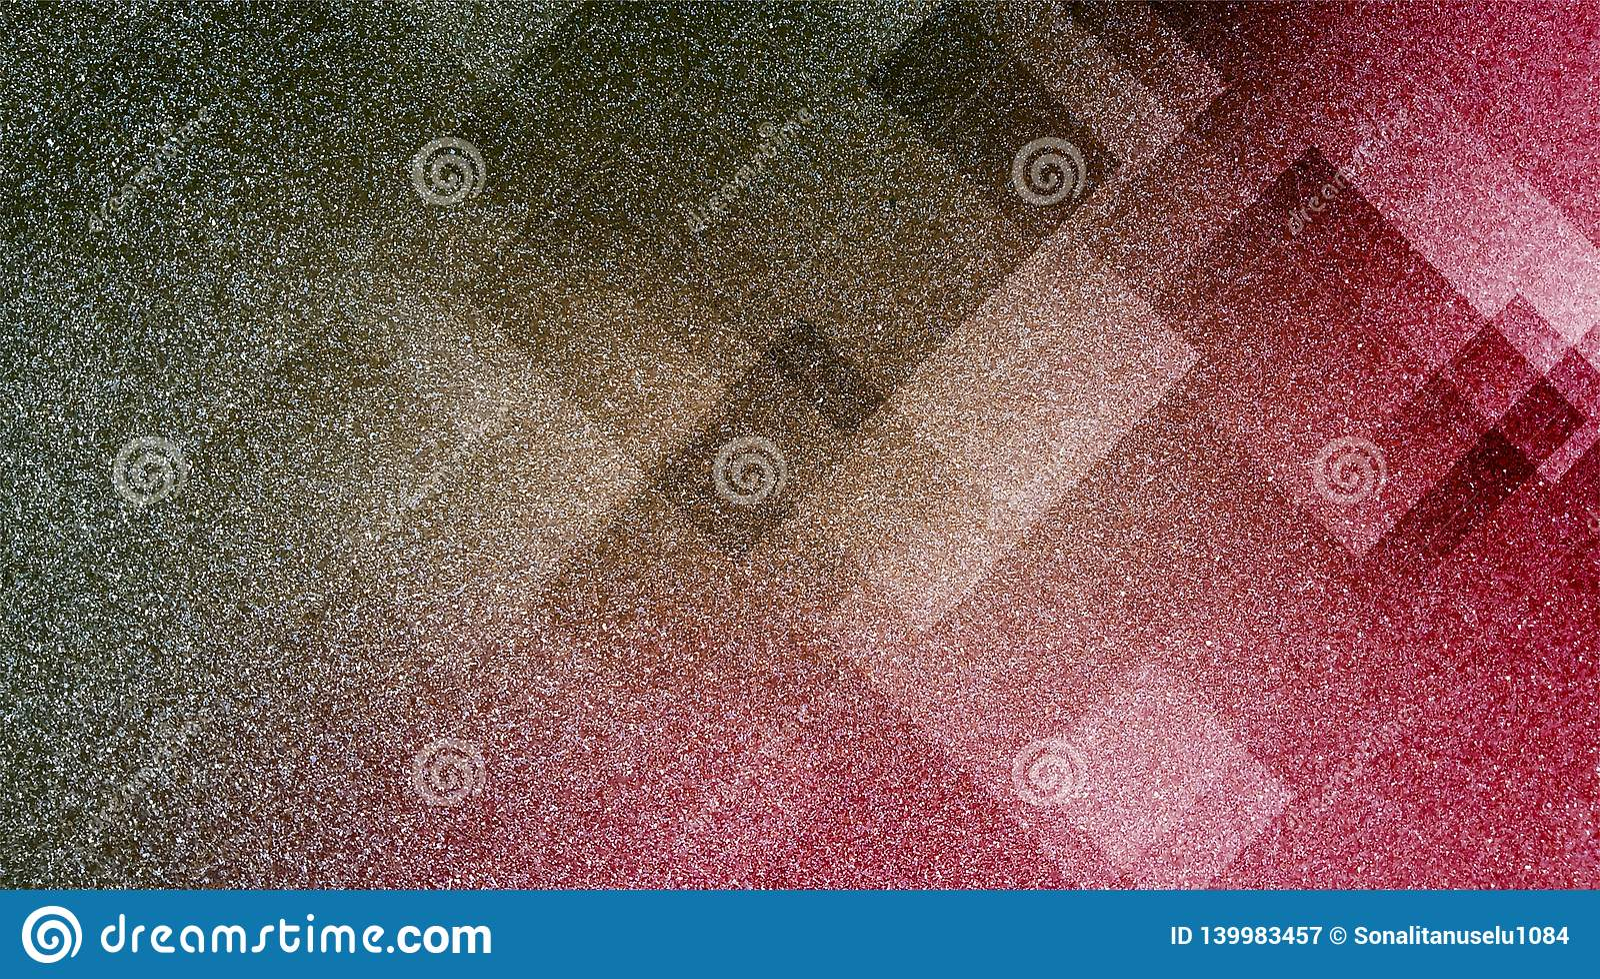 Brun abstrait et modèle rayé et blocs ombragés par fond rose dans les lignes diagonales avec la texture brune de cru et rose bleu